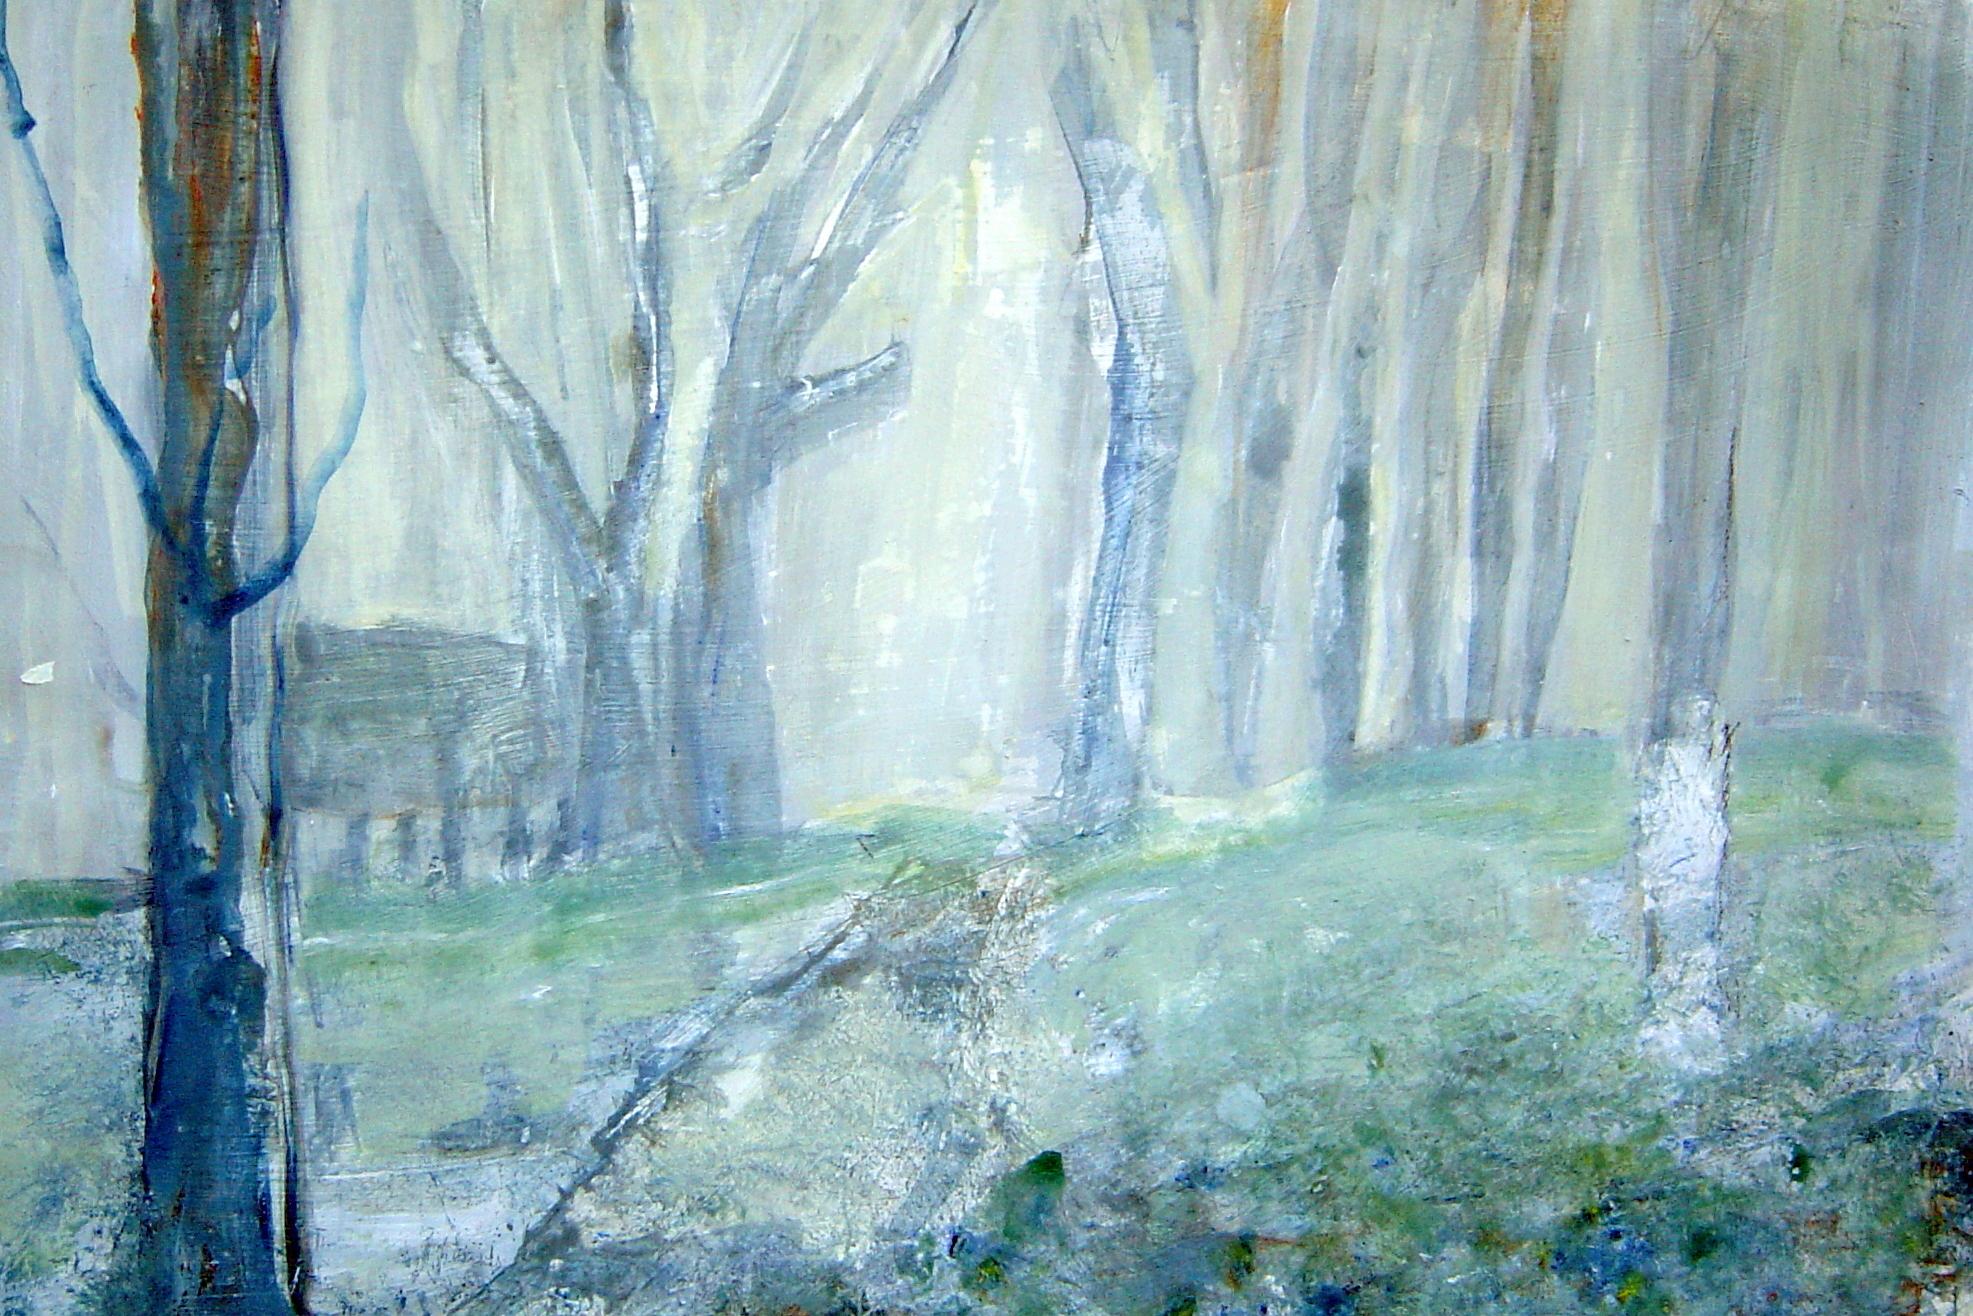 Mist kan zo mooi zijn 8 schitterende foto s schilderijen rita koolstra - Foto van slaapkamer schilderij ...